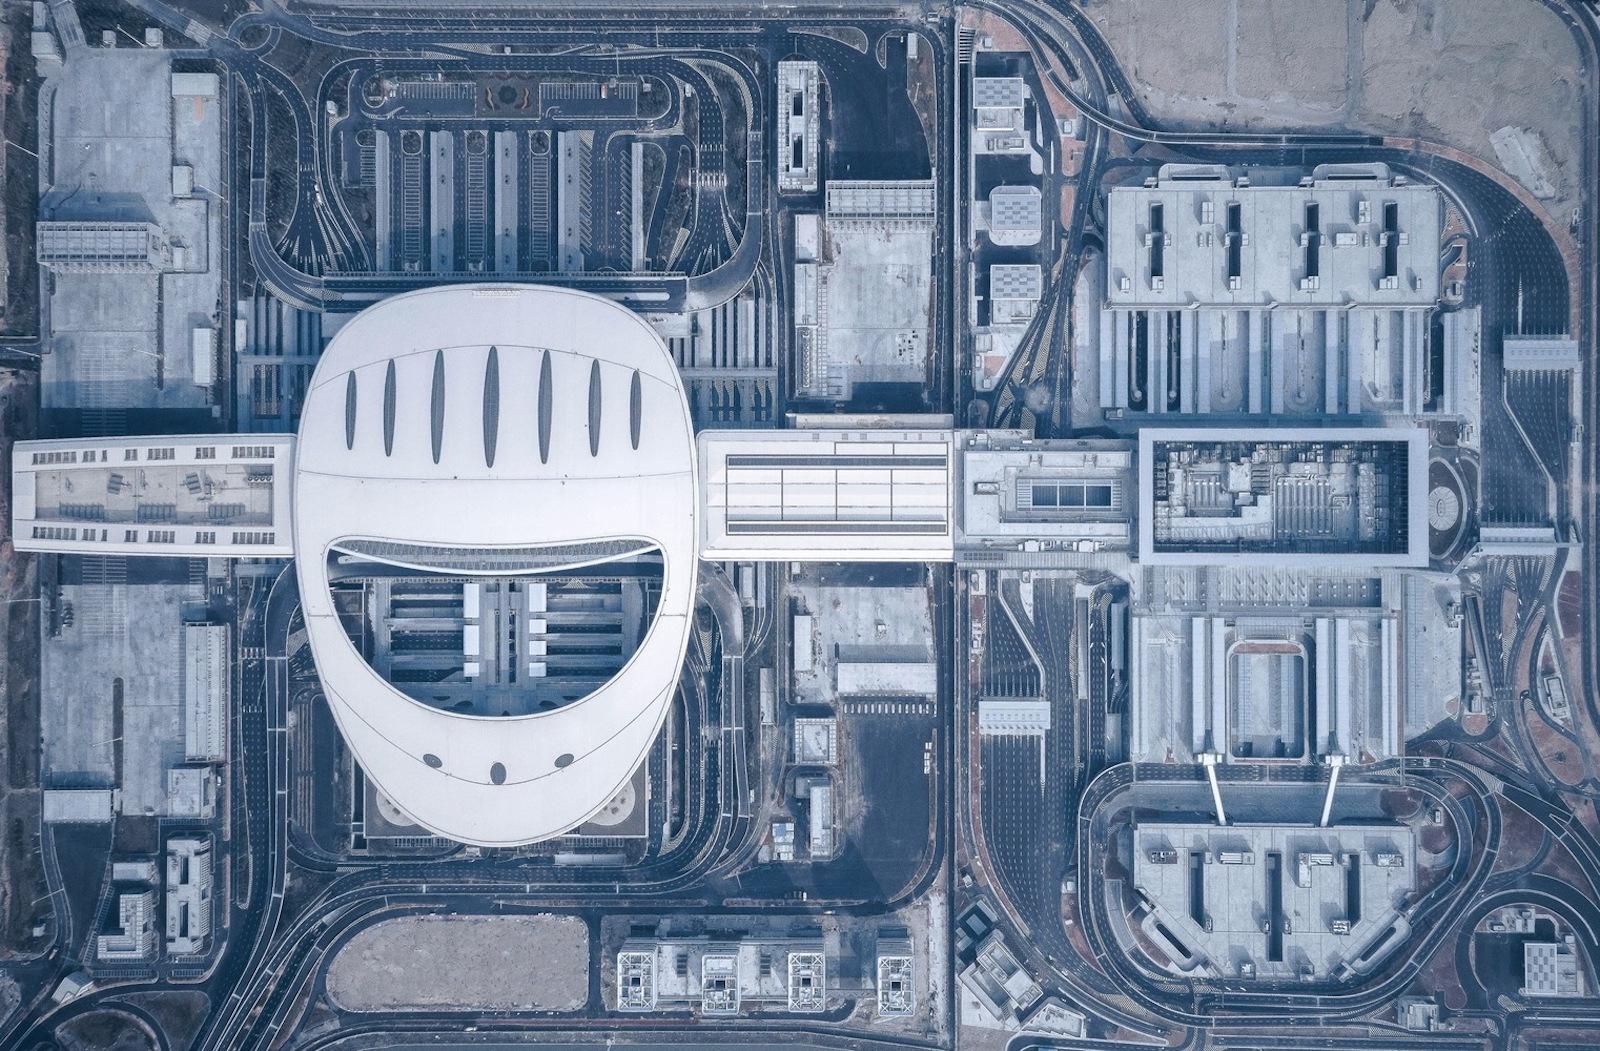 Movilidad y transporte: puente Hong Kong-Zhuai-Macao